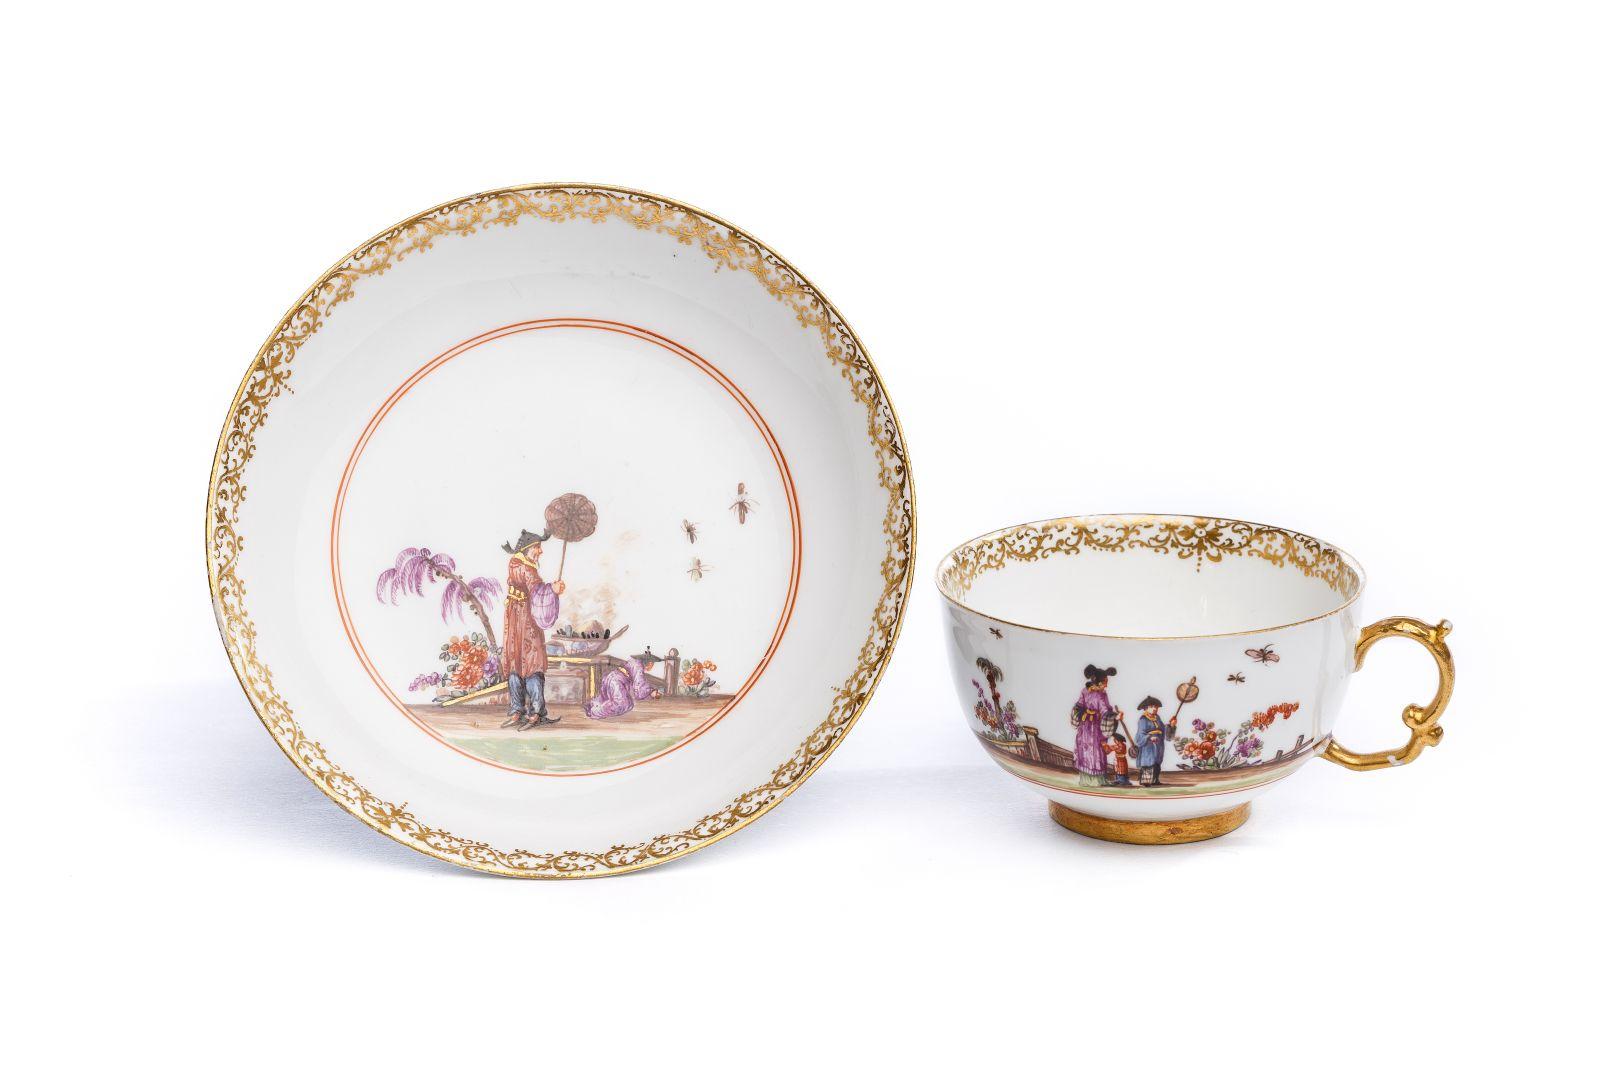 #162 Bowl with saucer, Meissen 1724/25 | Koppchen mit Unterschale, Meissen 1724/25 Image